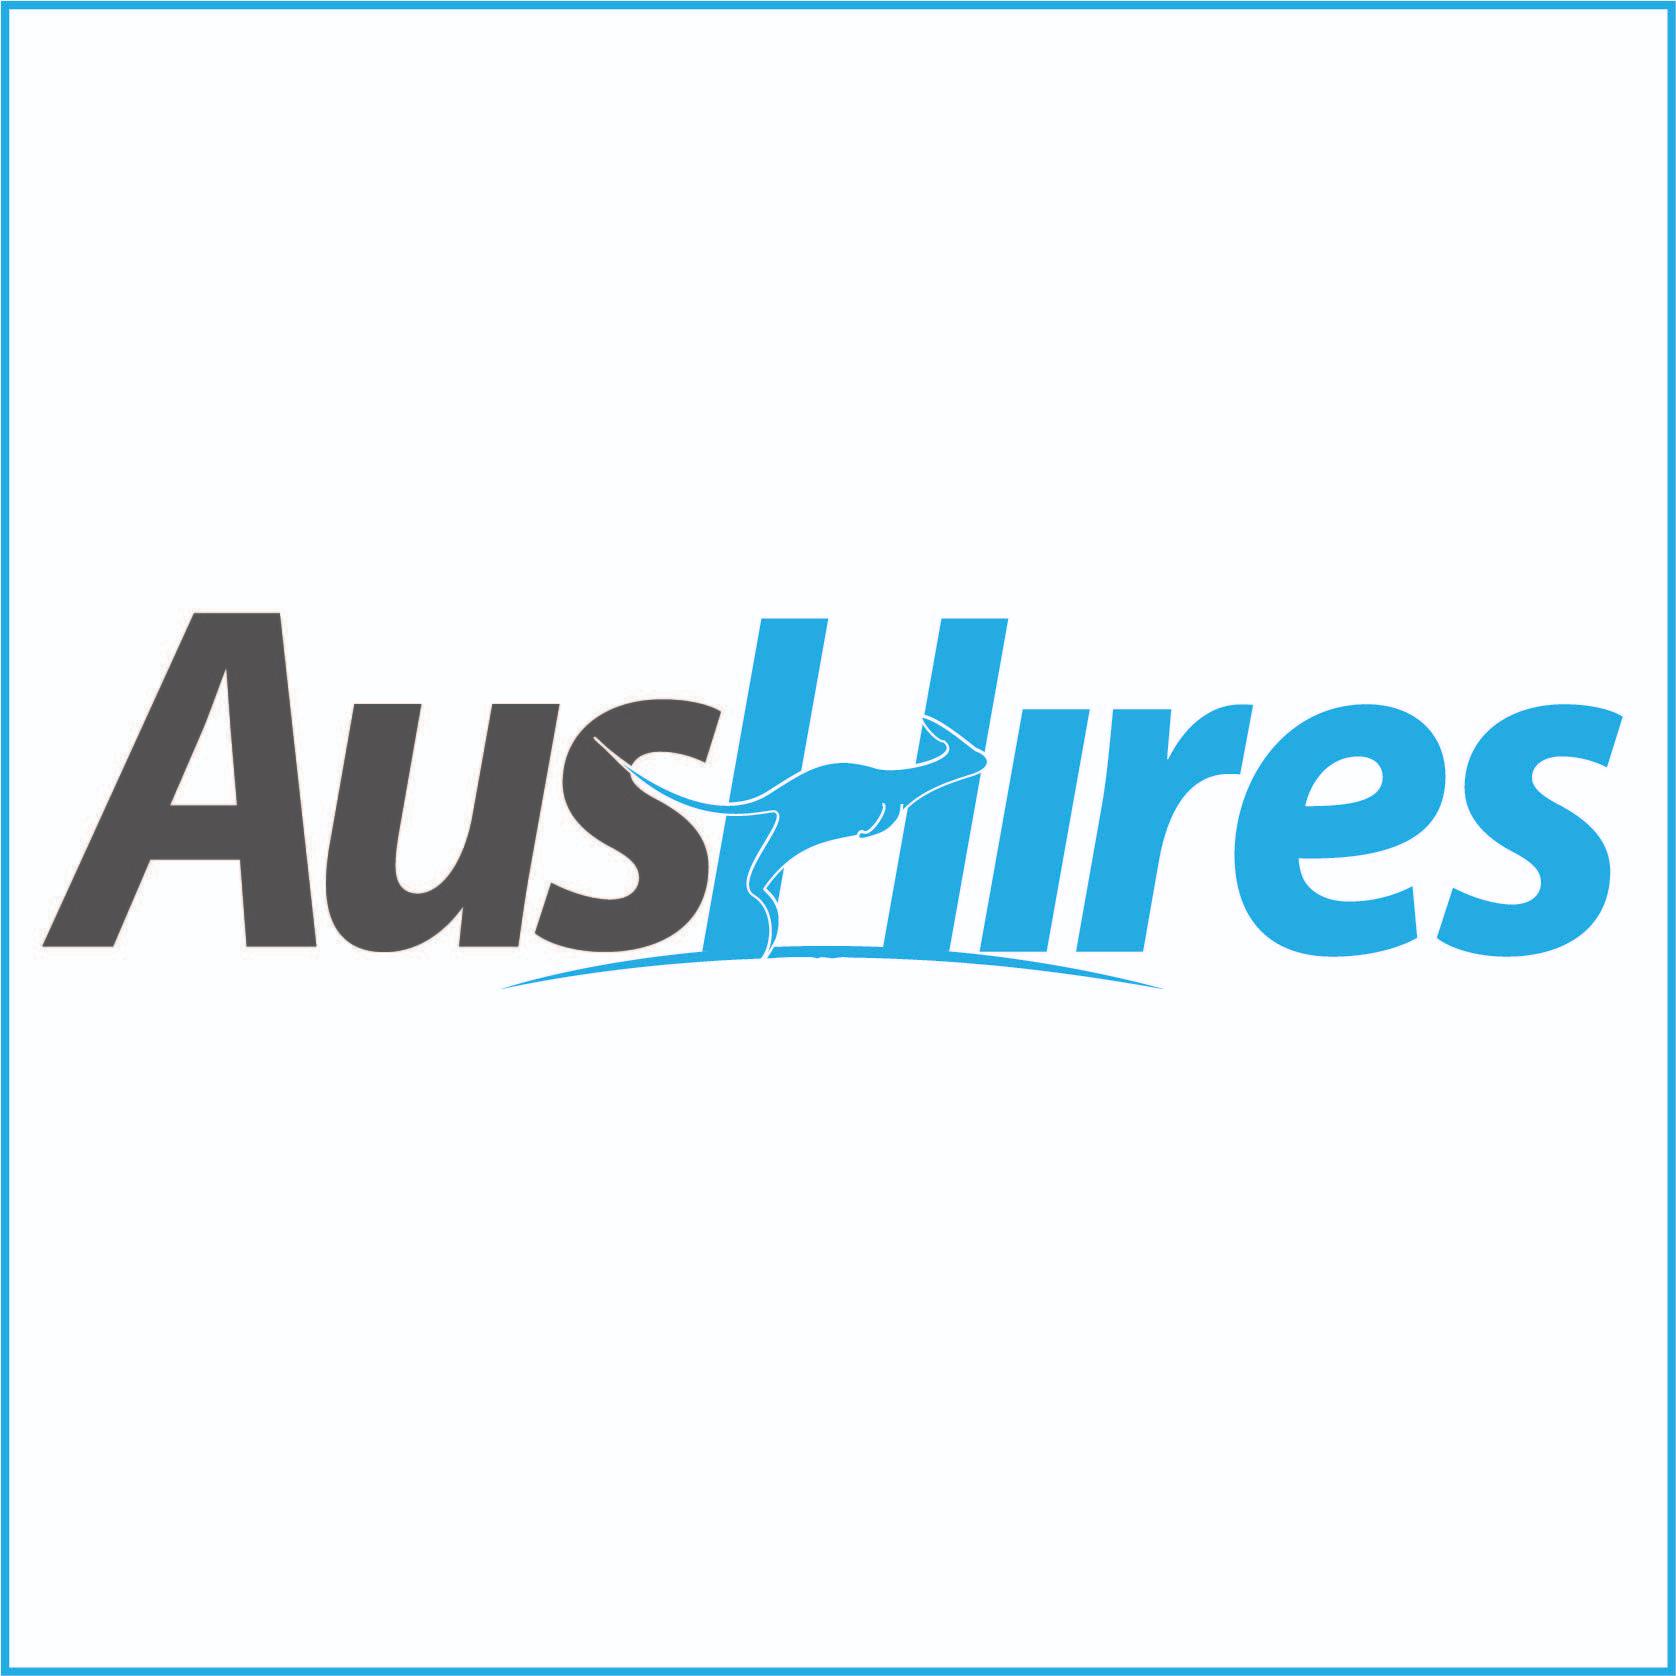 Aushires Equipment